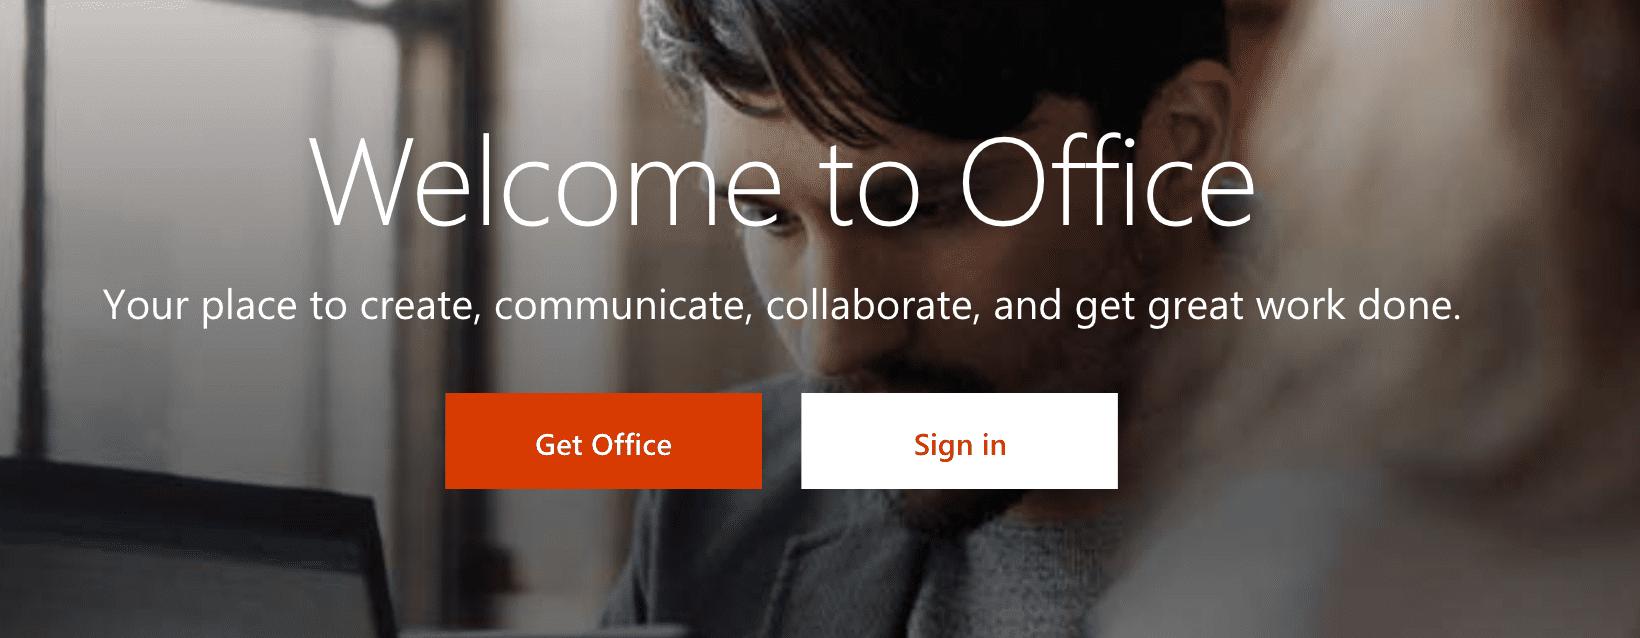 Microsoft 365 welcome screen